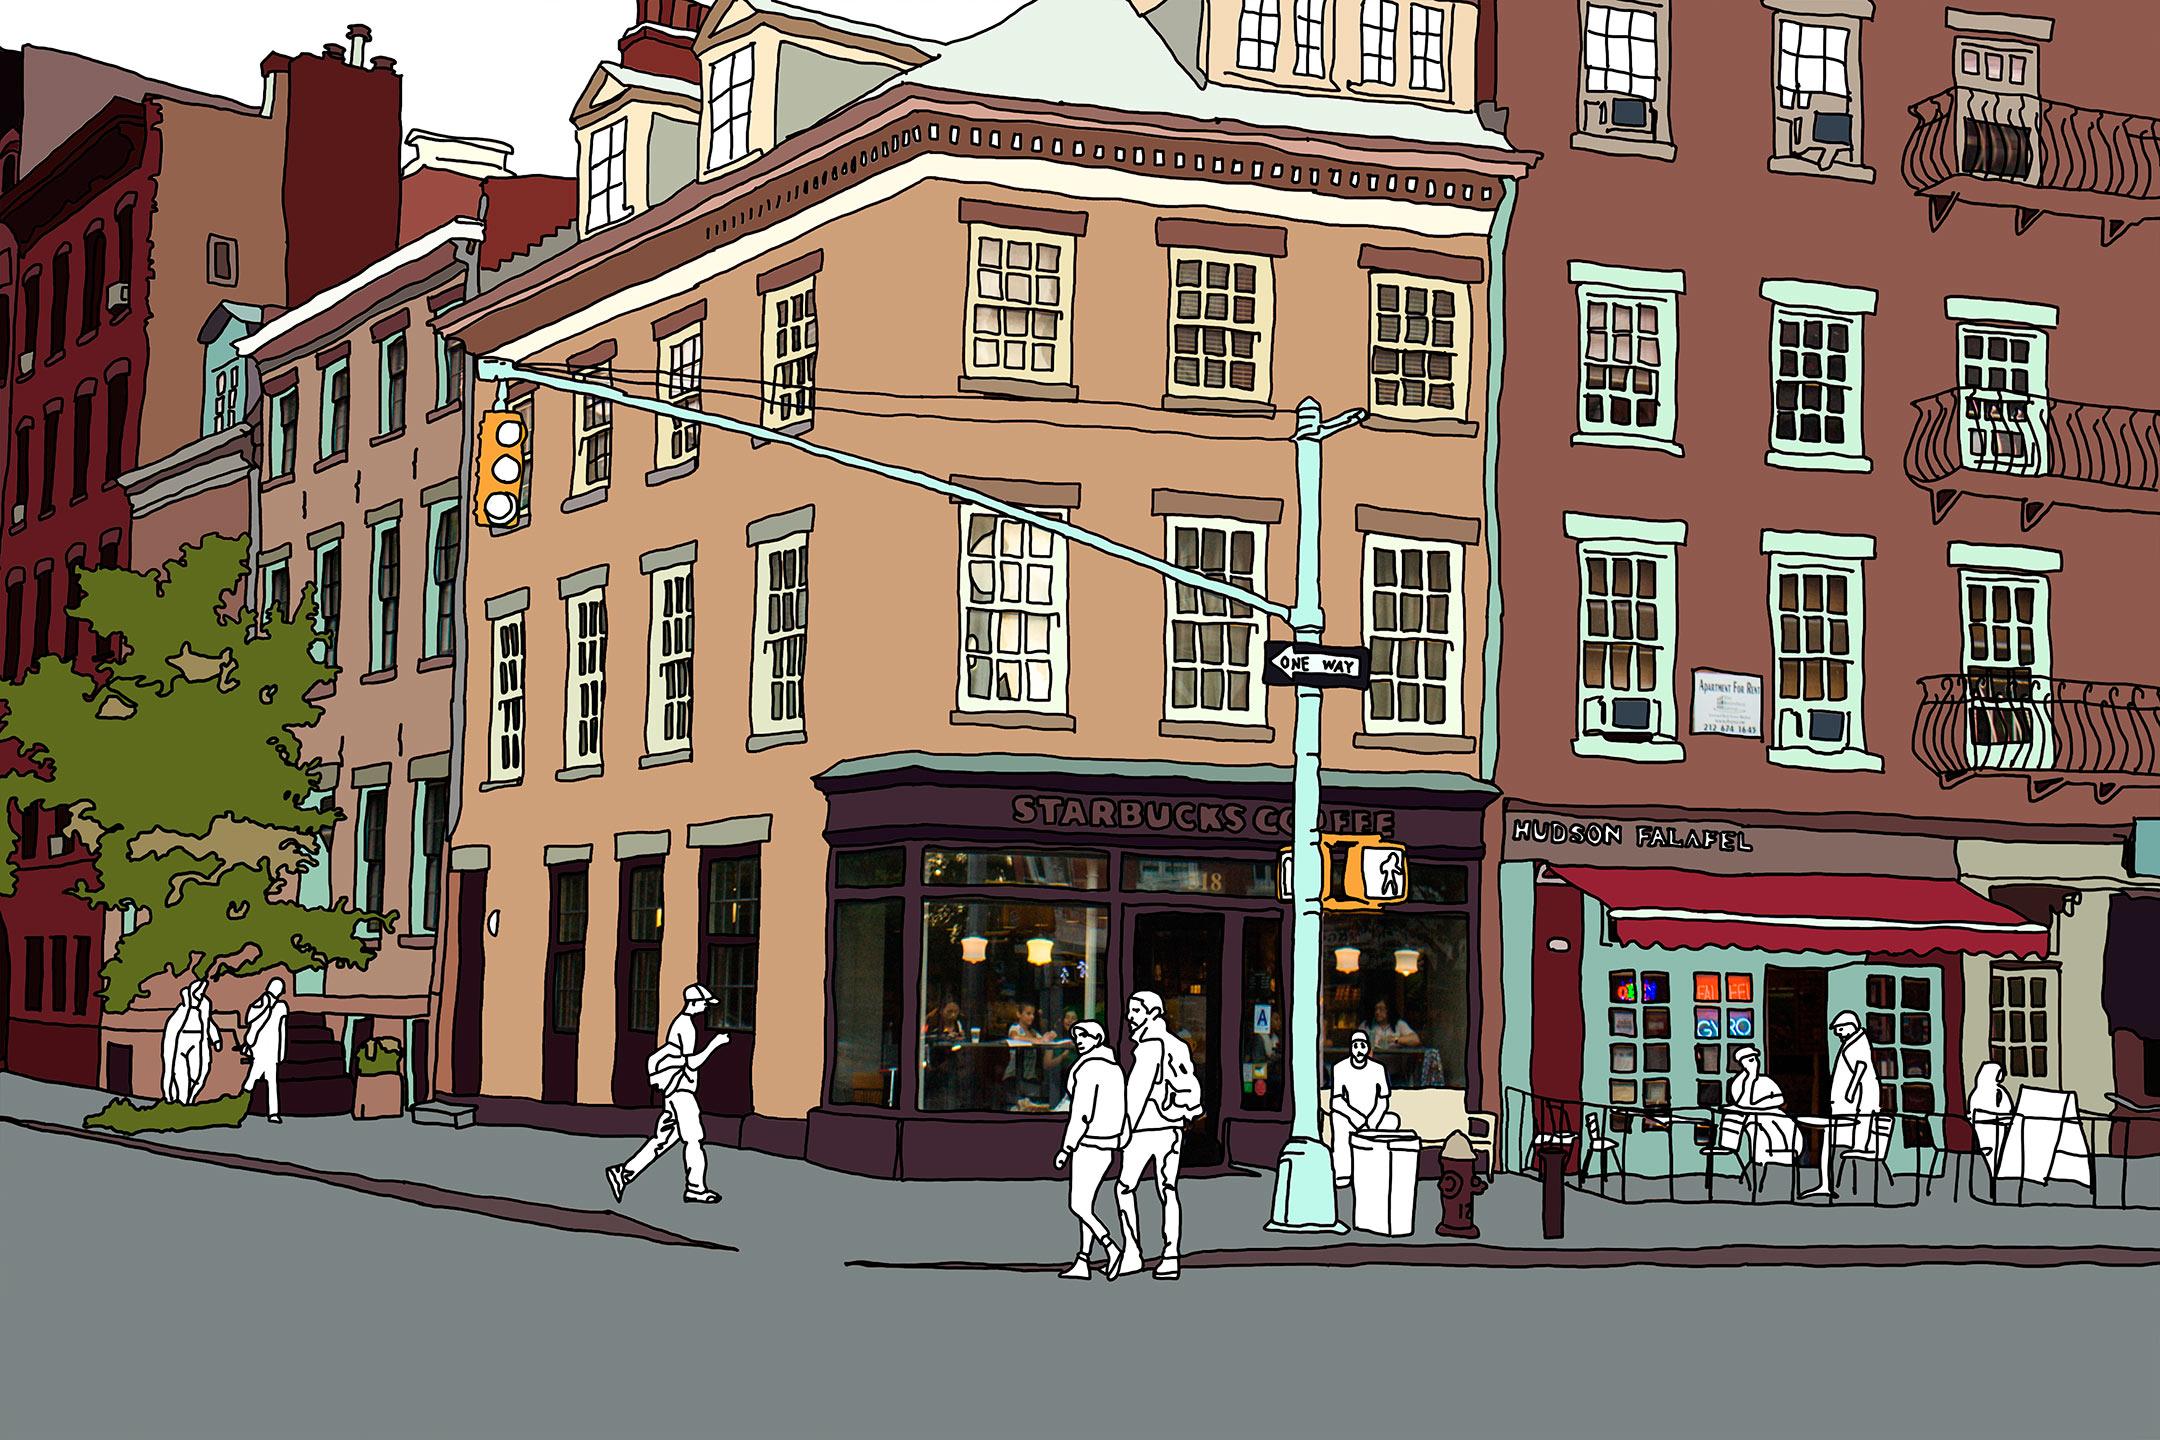 West Village Scene by Anastasia Parmson